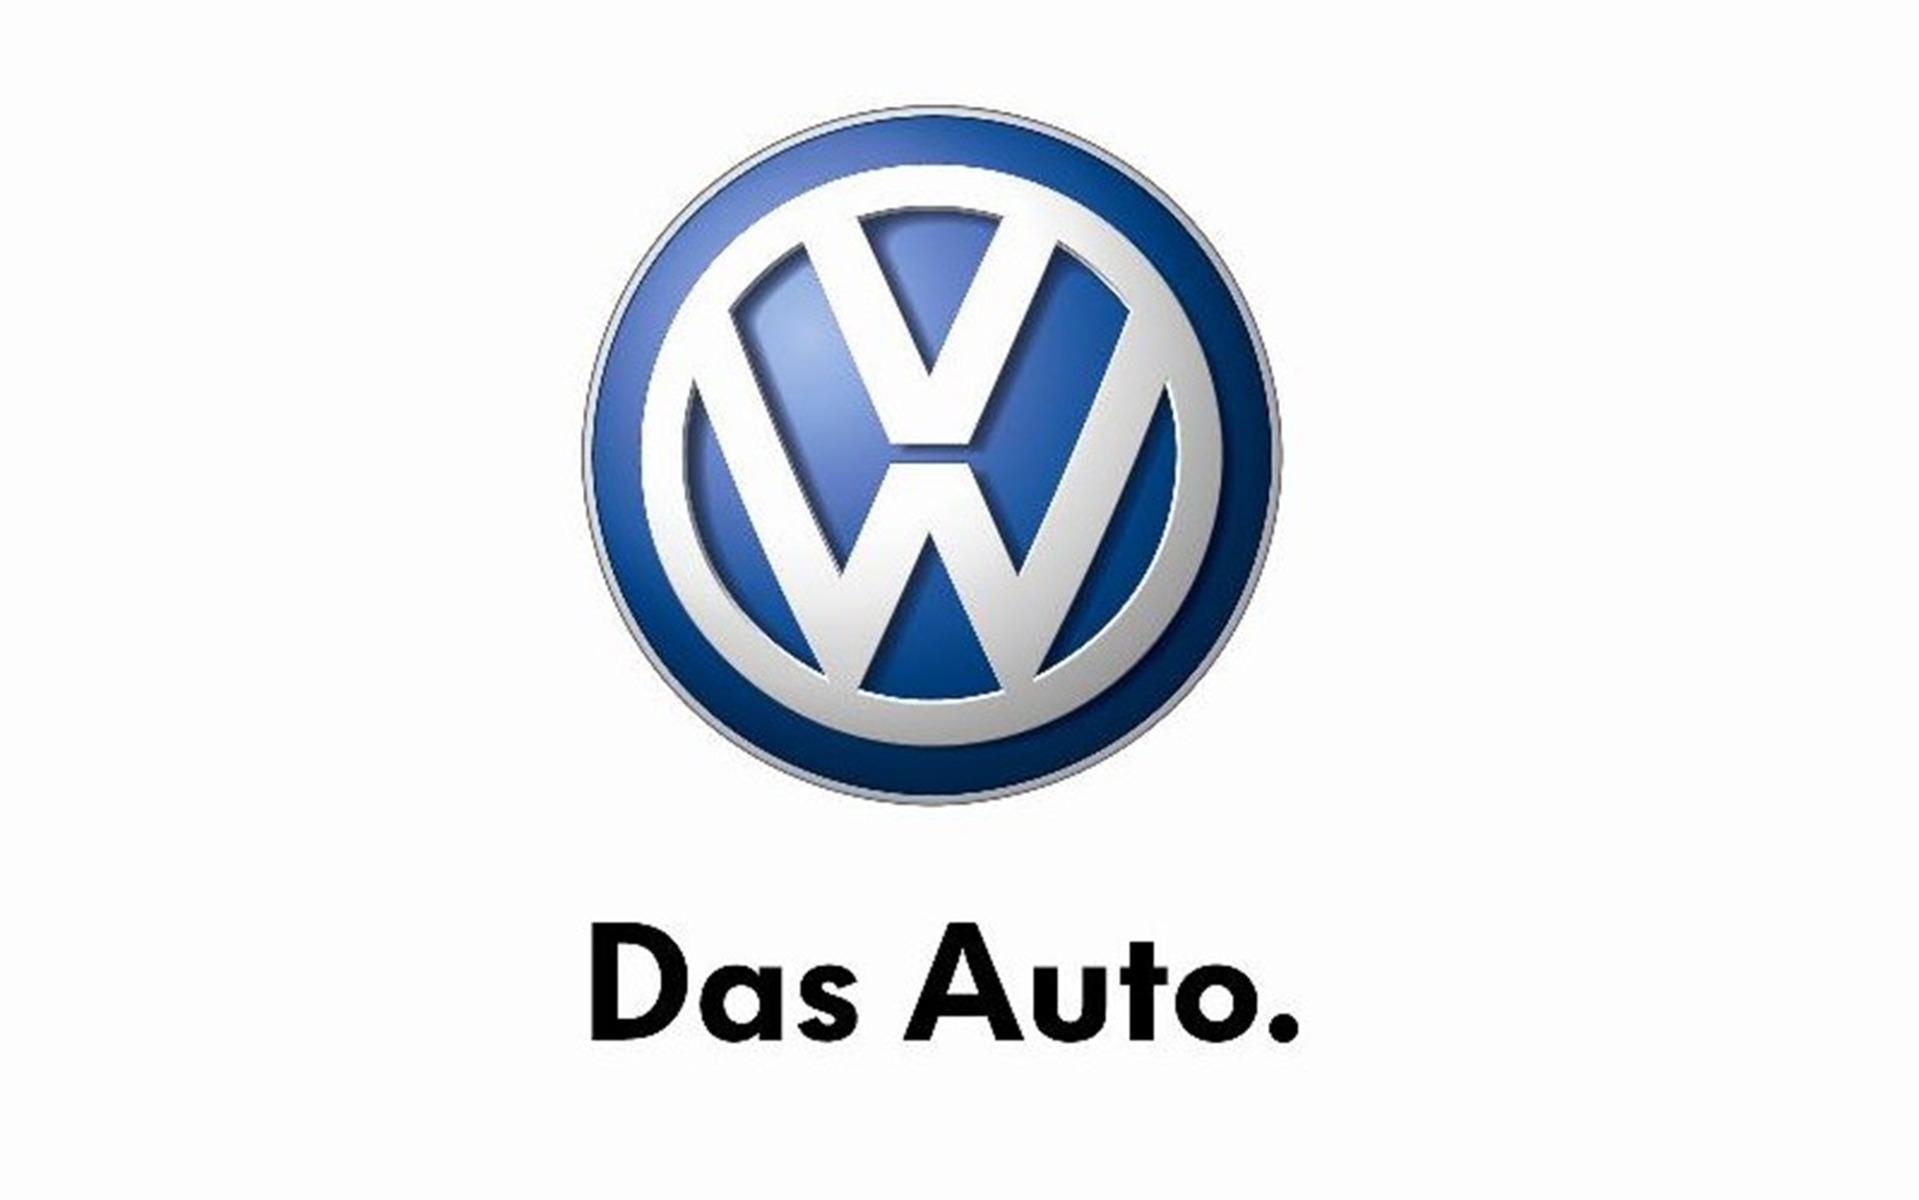 Volkswagen, eslogan creativo